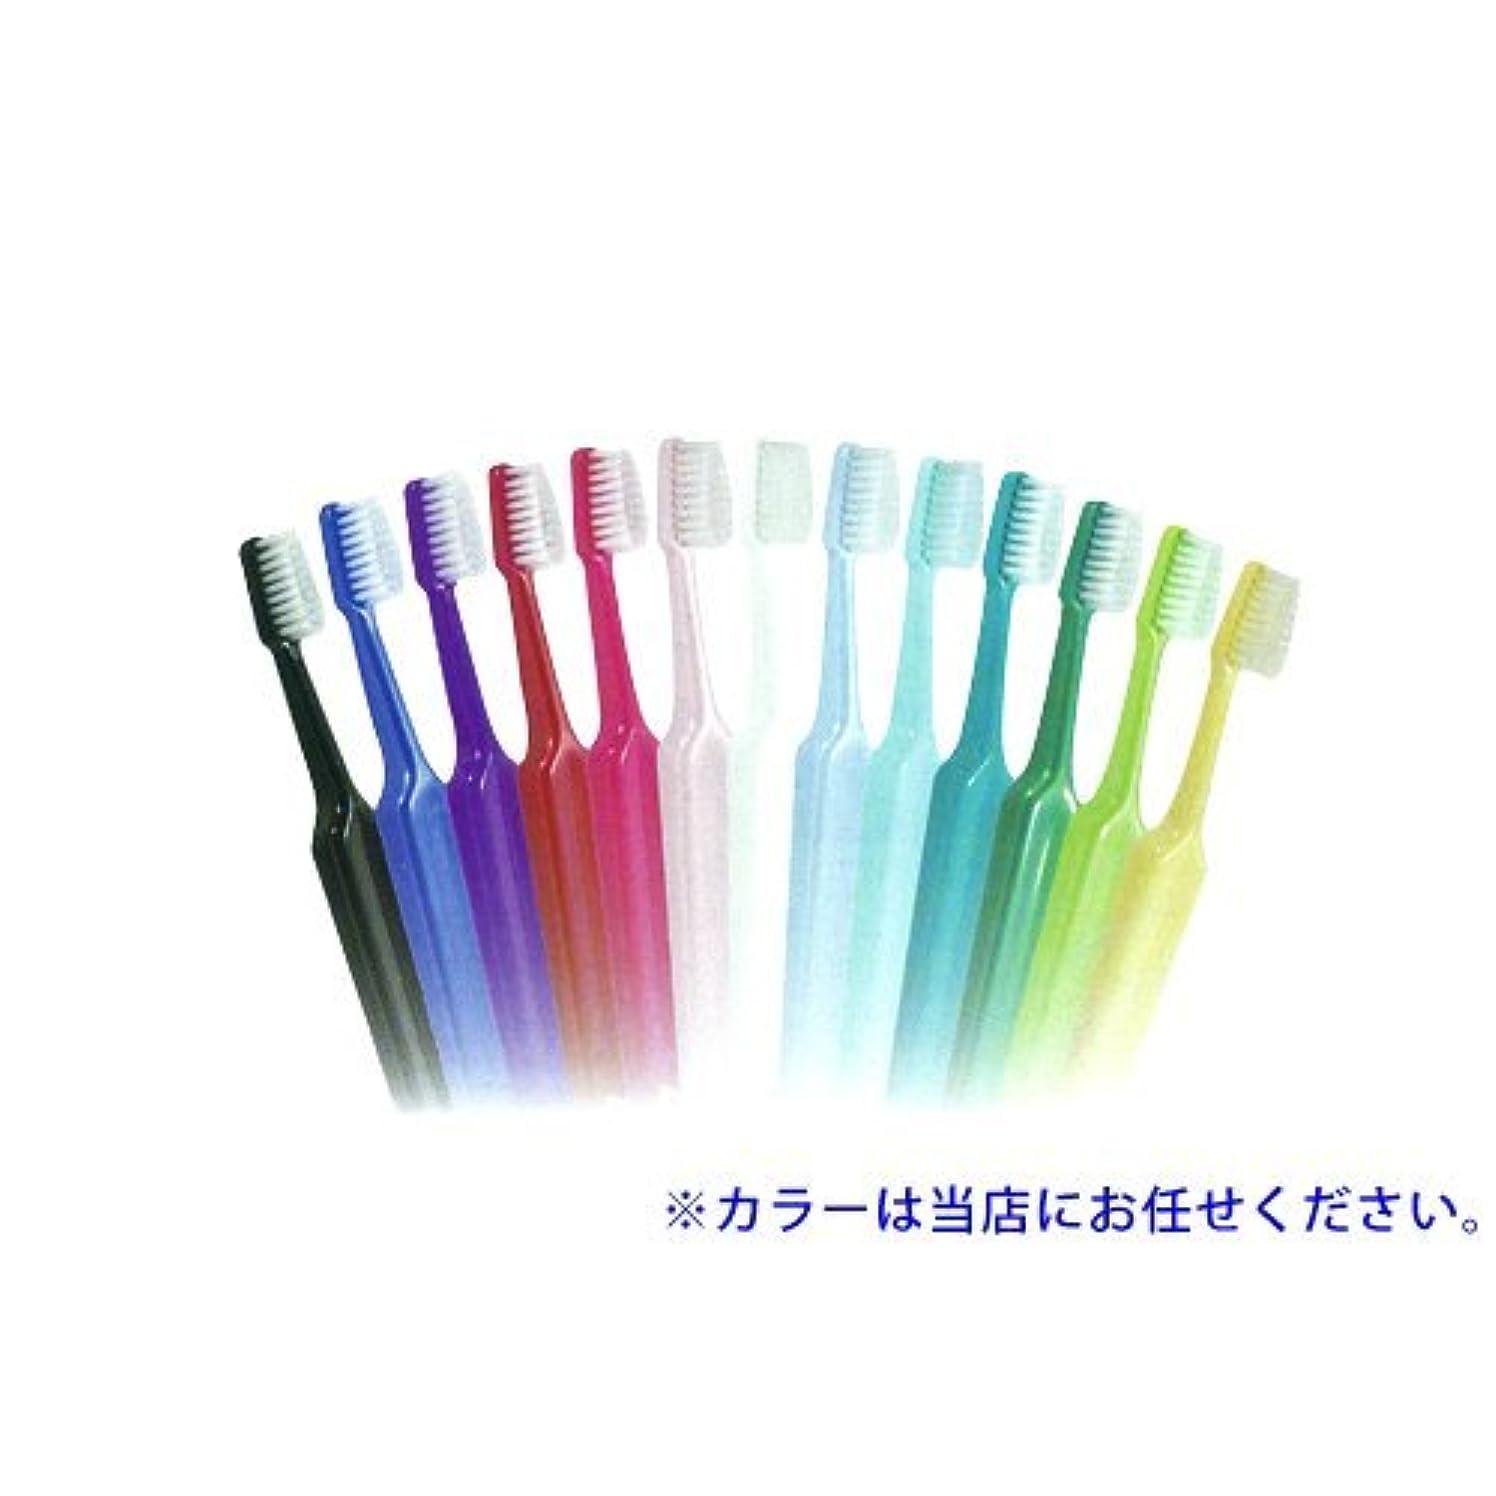 一貫性のない復活させる理想的クロスフィールド TePe テペ セレクトコンパクト 歯ブラシ 1本 コンパクト ミディアム